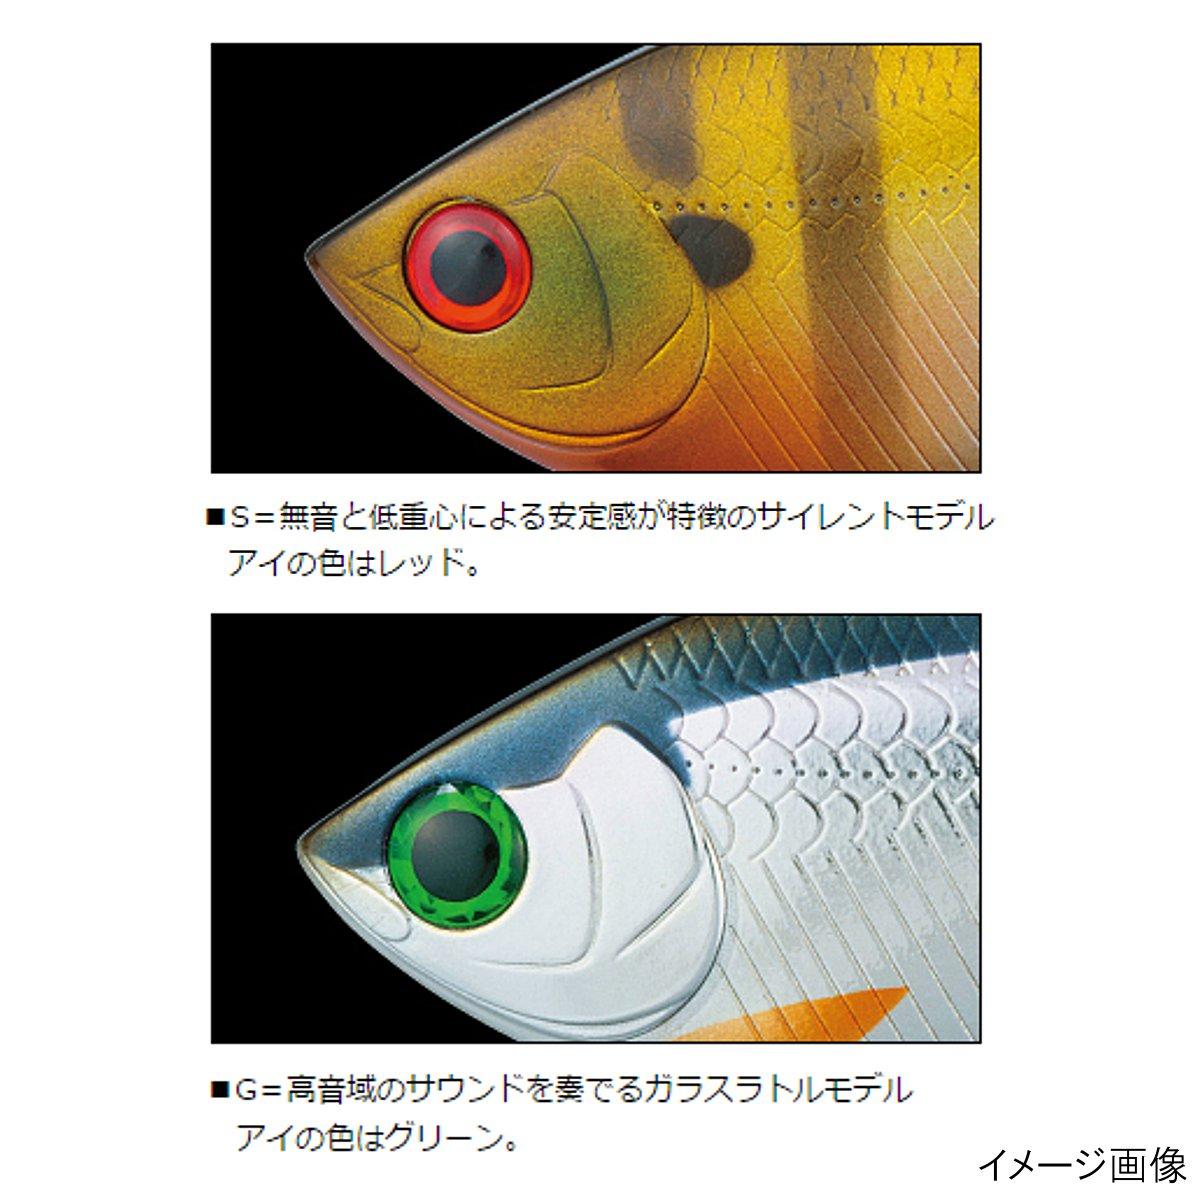 大和(Daiwa)T.D.震动住宿特别定做65S-S蓝色珍珠克洛